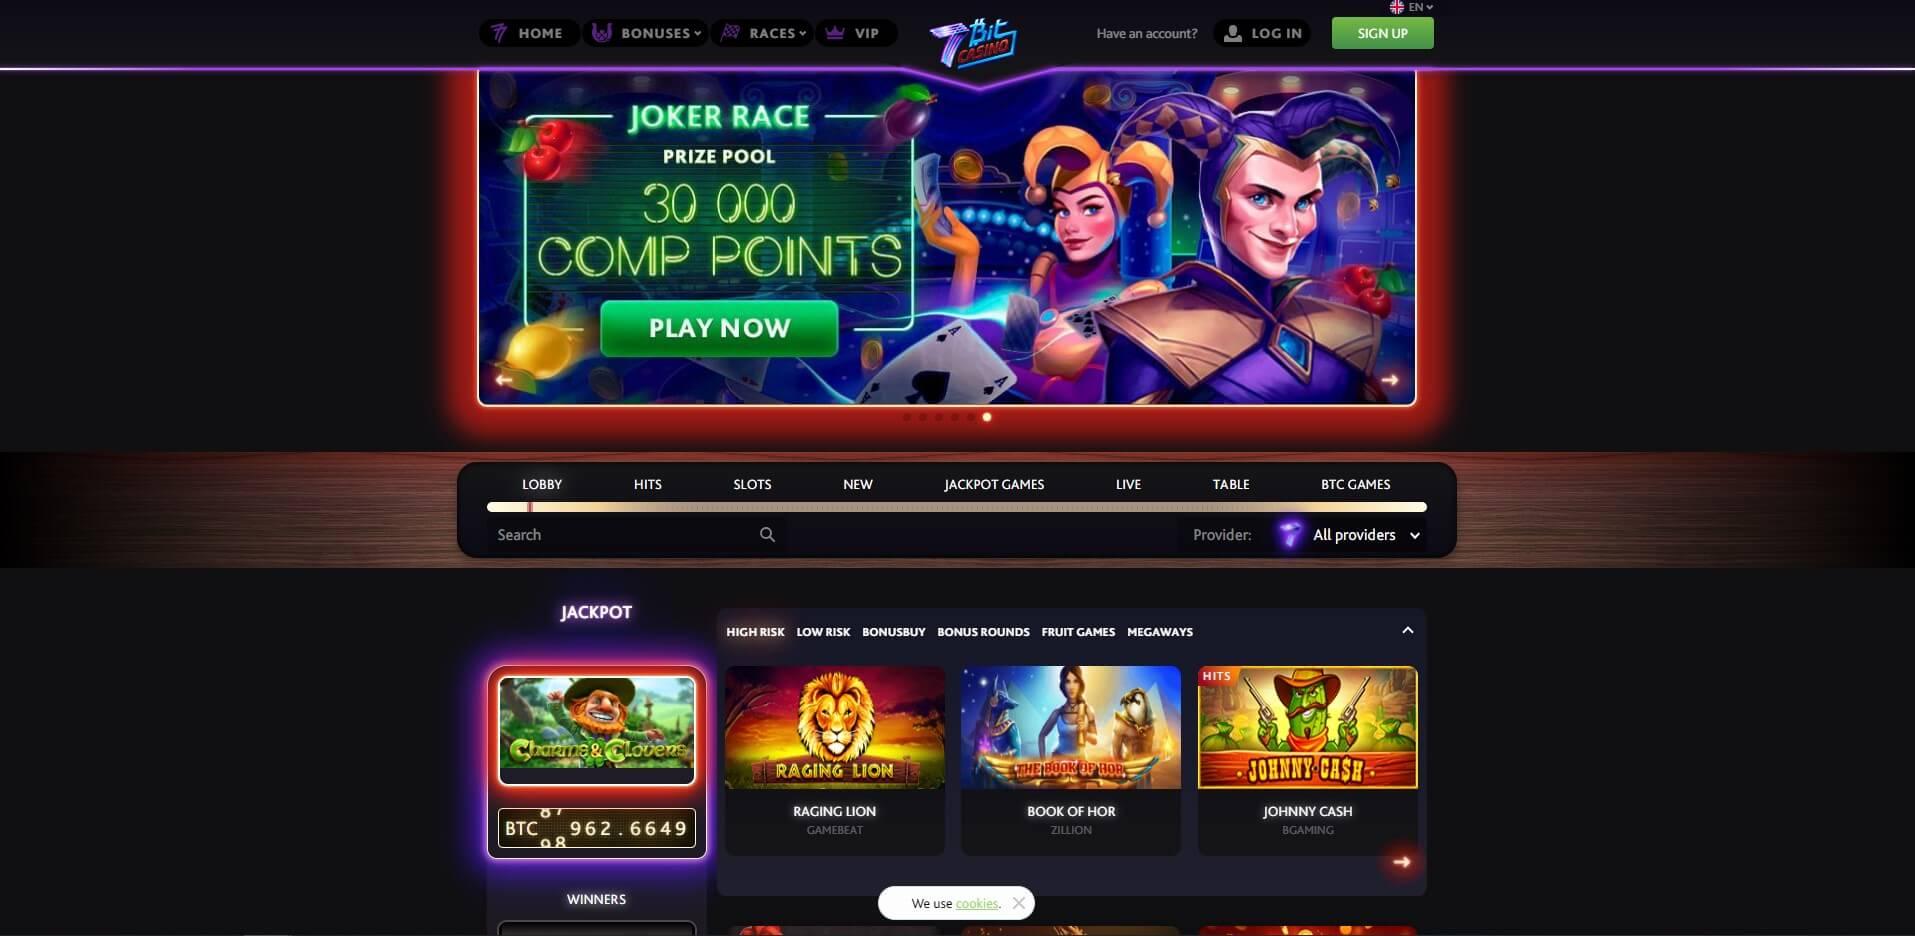 7bitcasinocom - Website Review